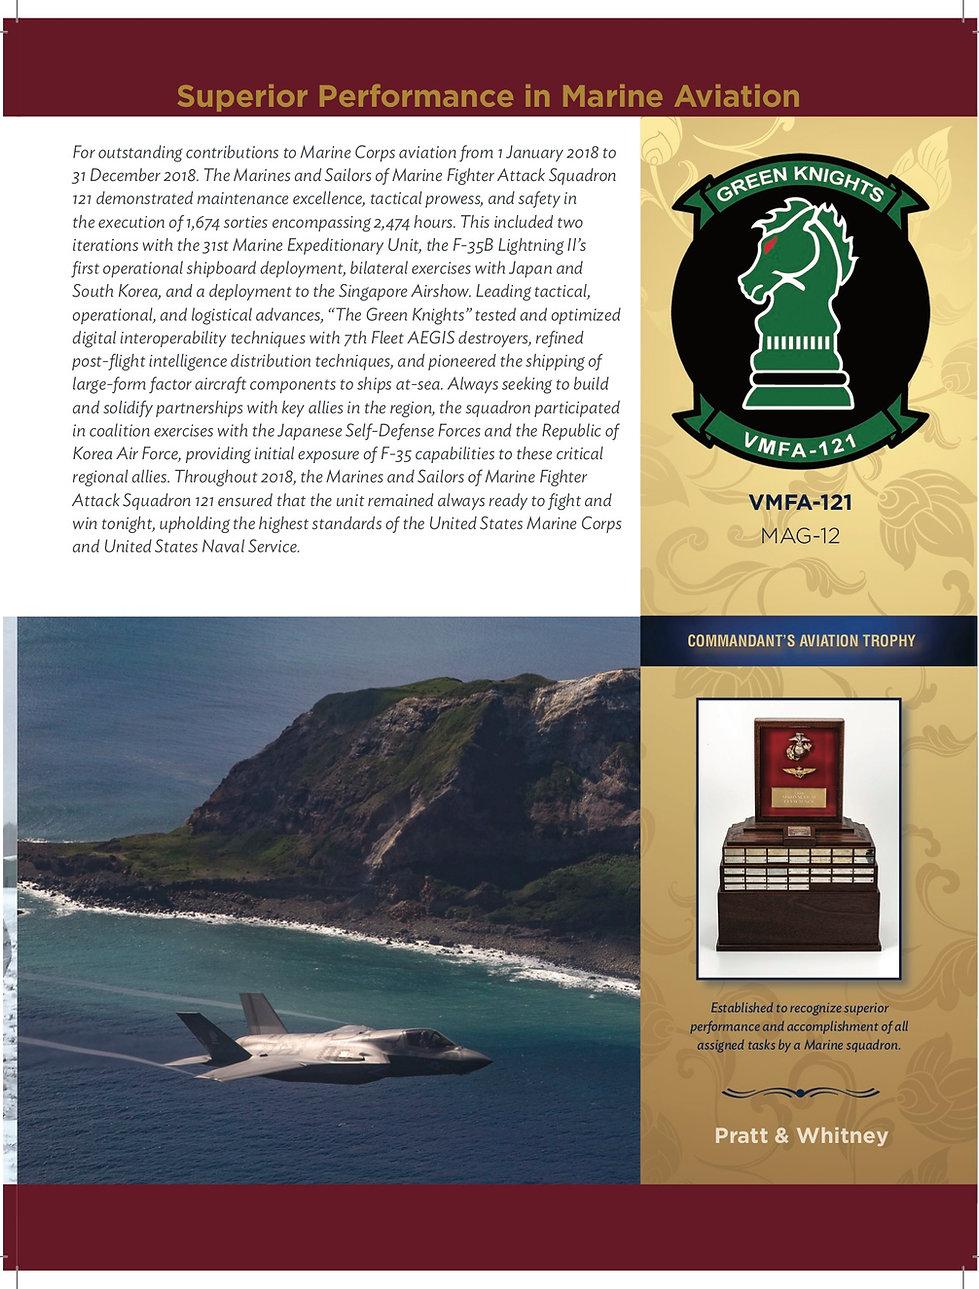 2019 Commandan'ts Aviation Award